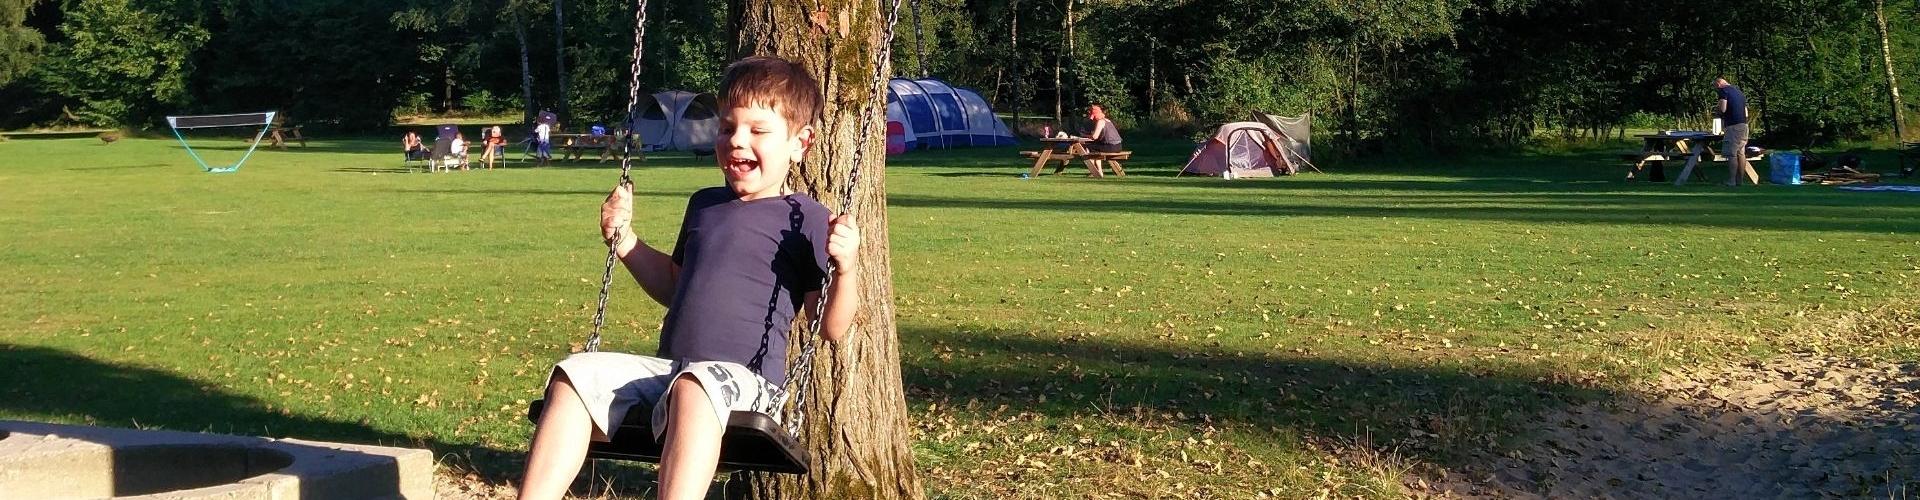 Wat is een leuke camping in Noord-Brabant met kinderen